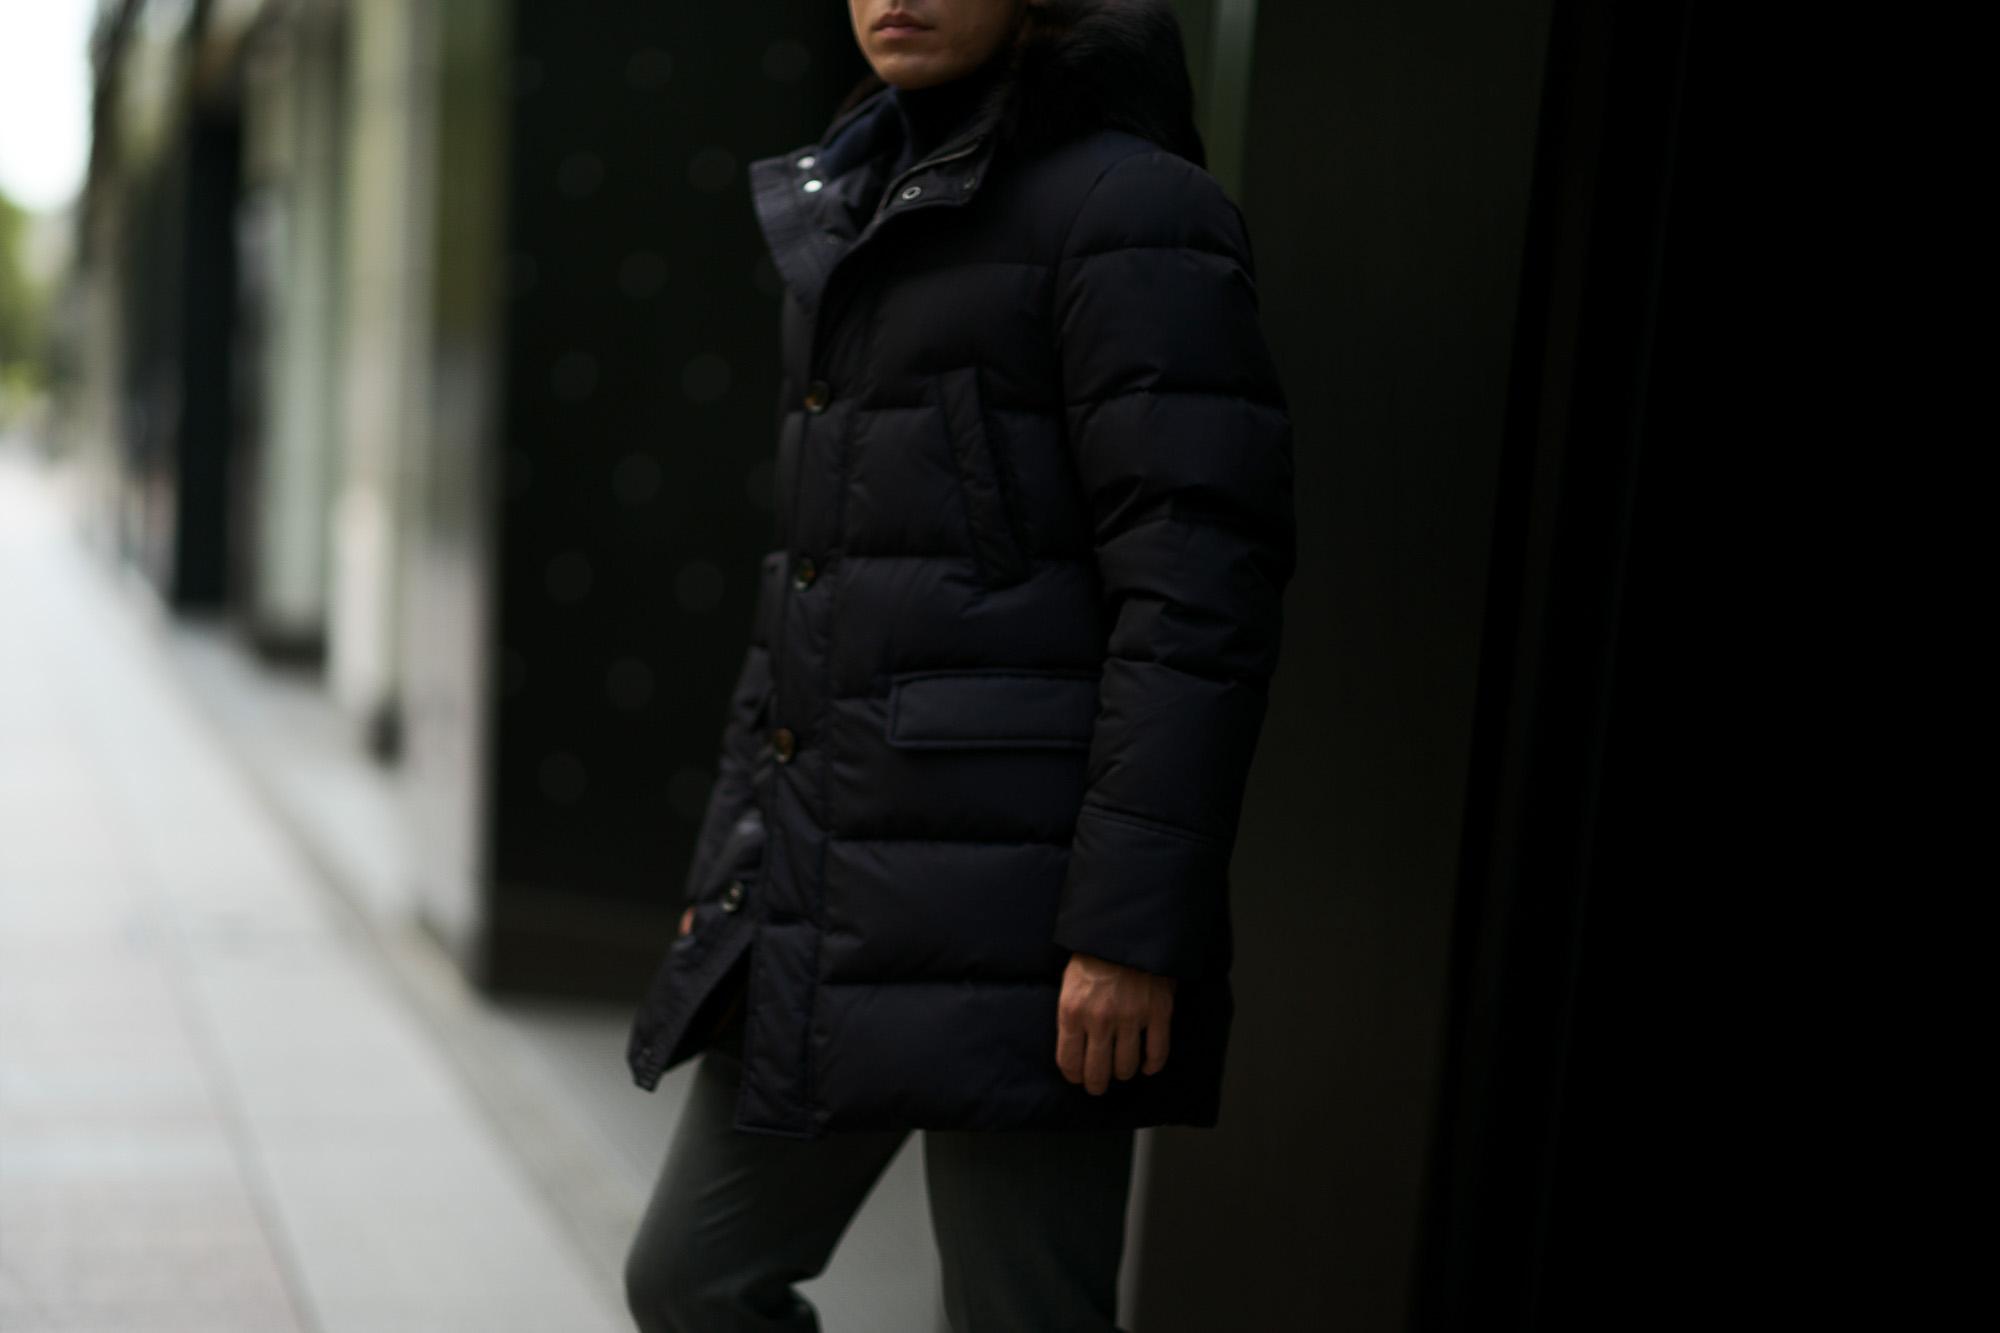 MOORER (ムーレー) BARBIERI-KM (バルビエリ) ホワイトグースダウン ナイロン フーデッド ダウン コート BLU (ネイビー) Made in italy (イタリア製) 2019 秋冬新作 愛知 名古屋 altoediritto アルトエデリット